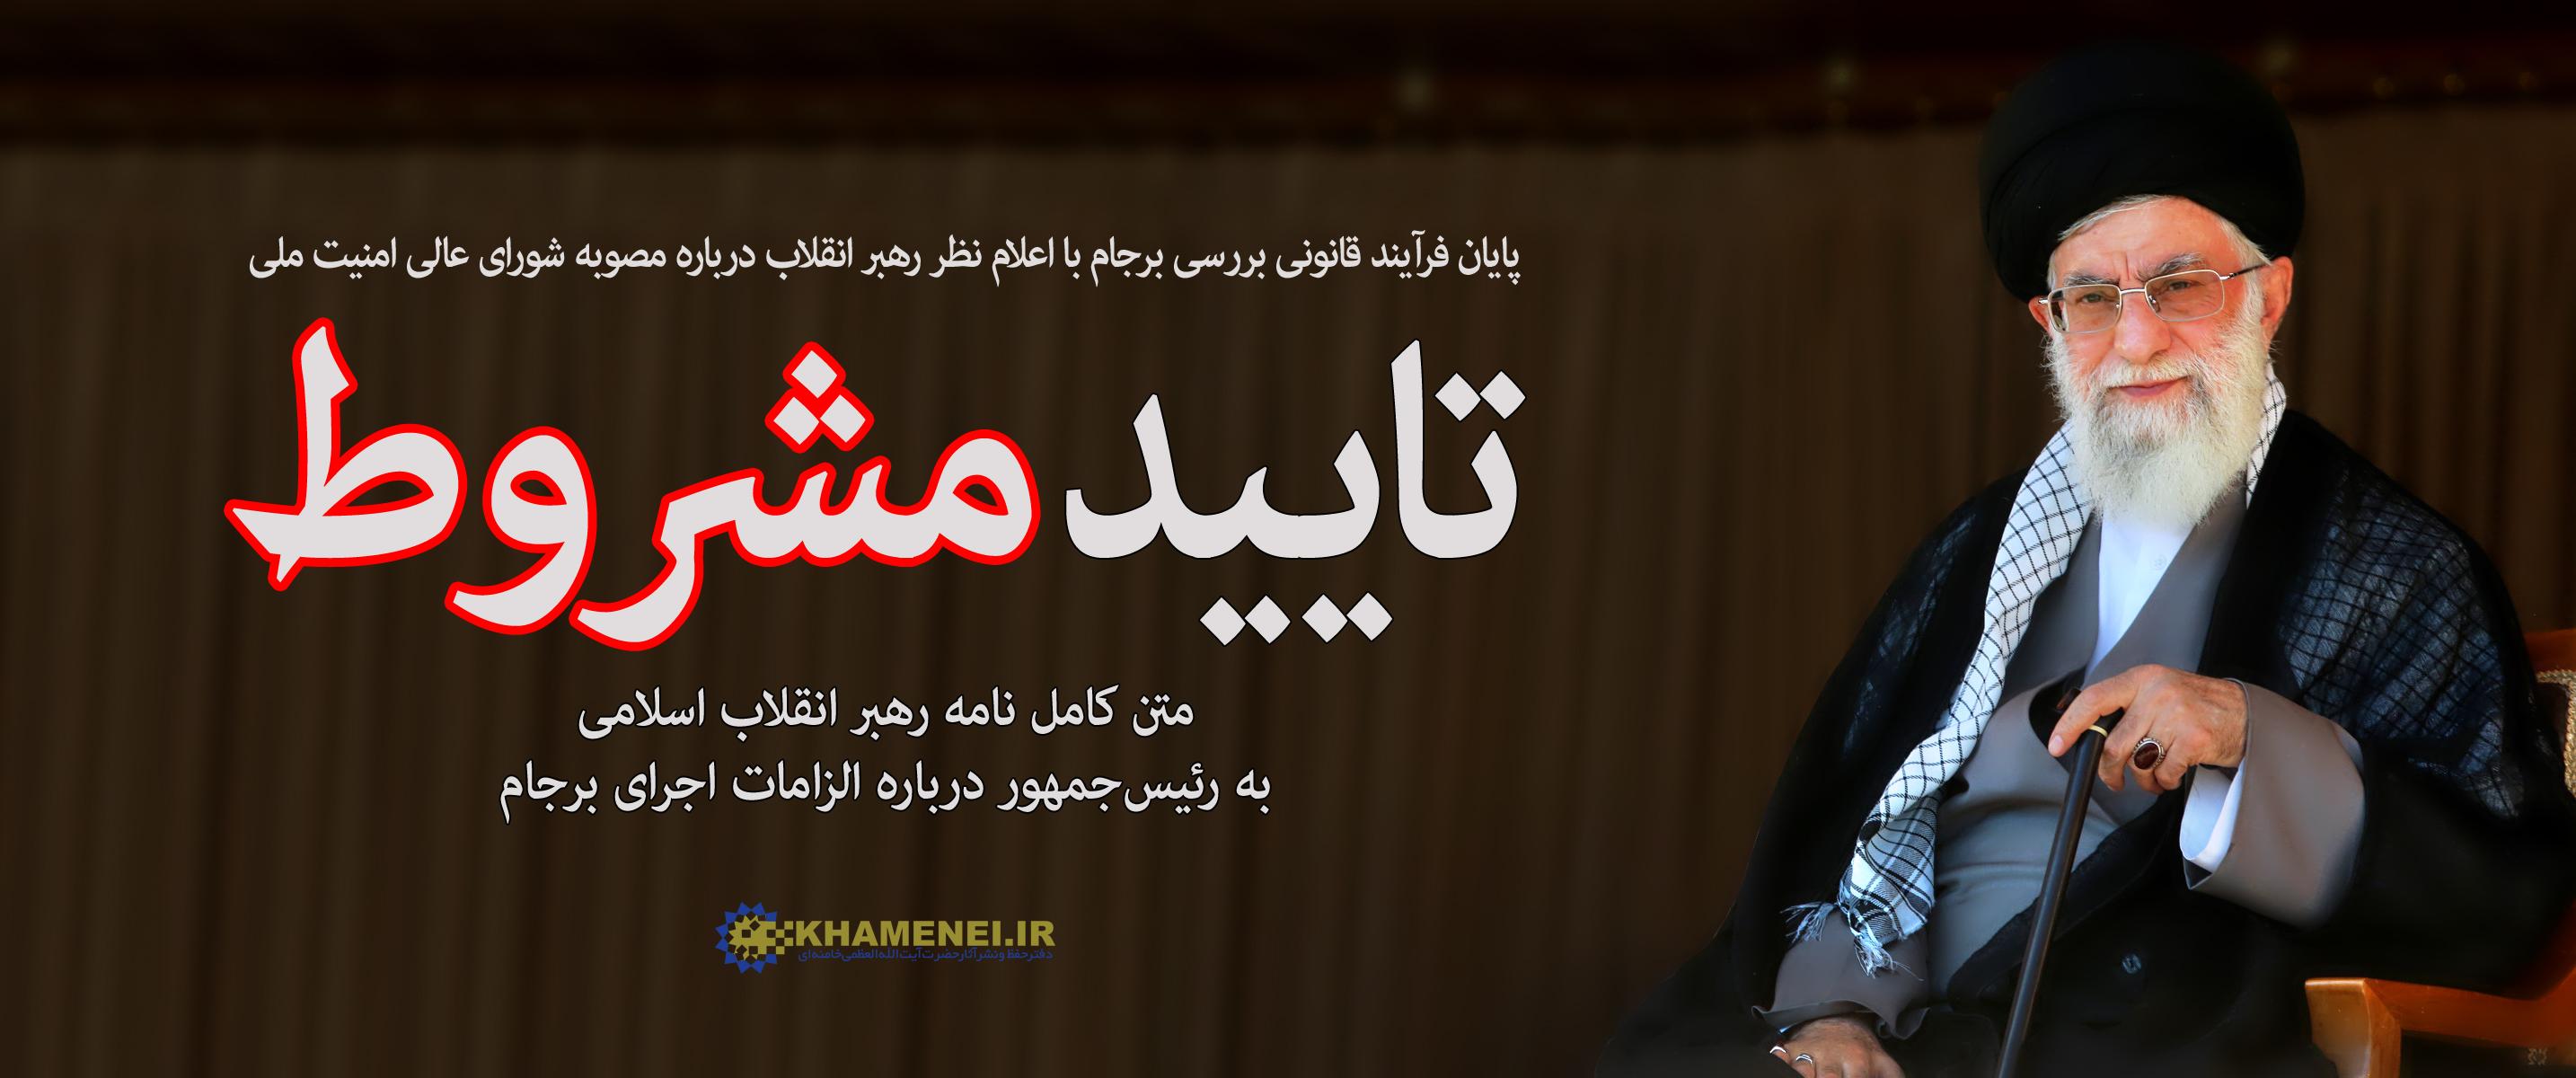 نامه رهبر انقلاب به رئیسجمهور درباره الزامات اجرای برجام